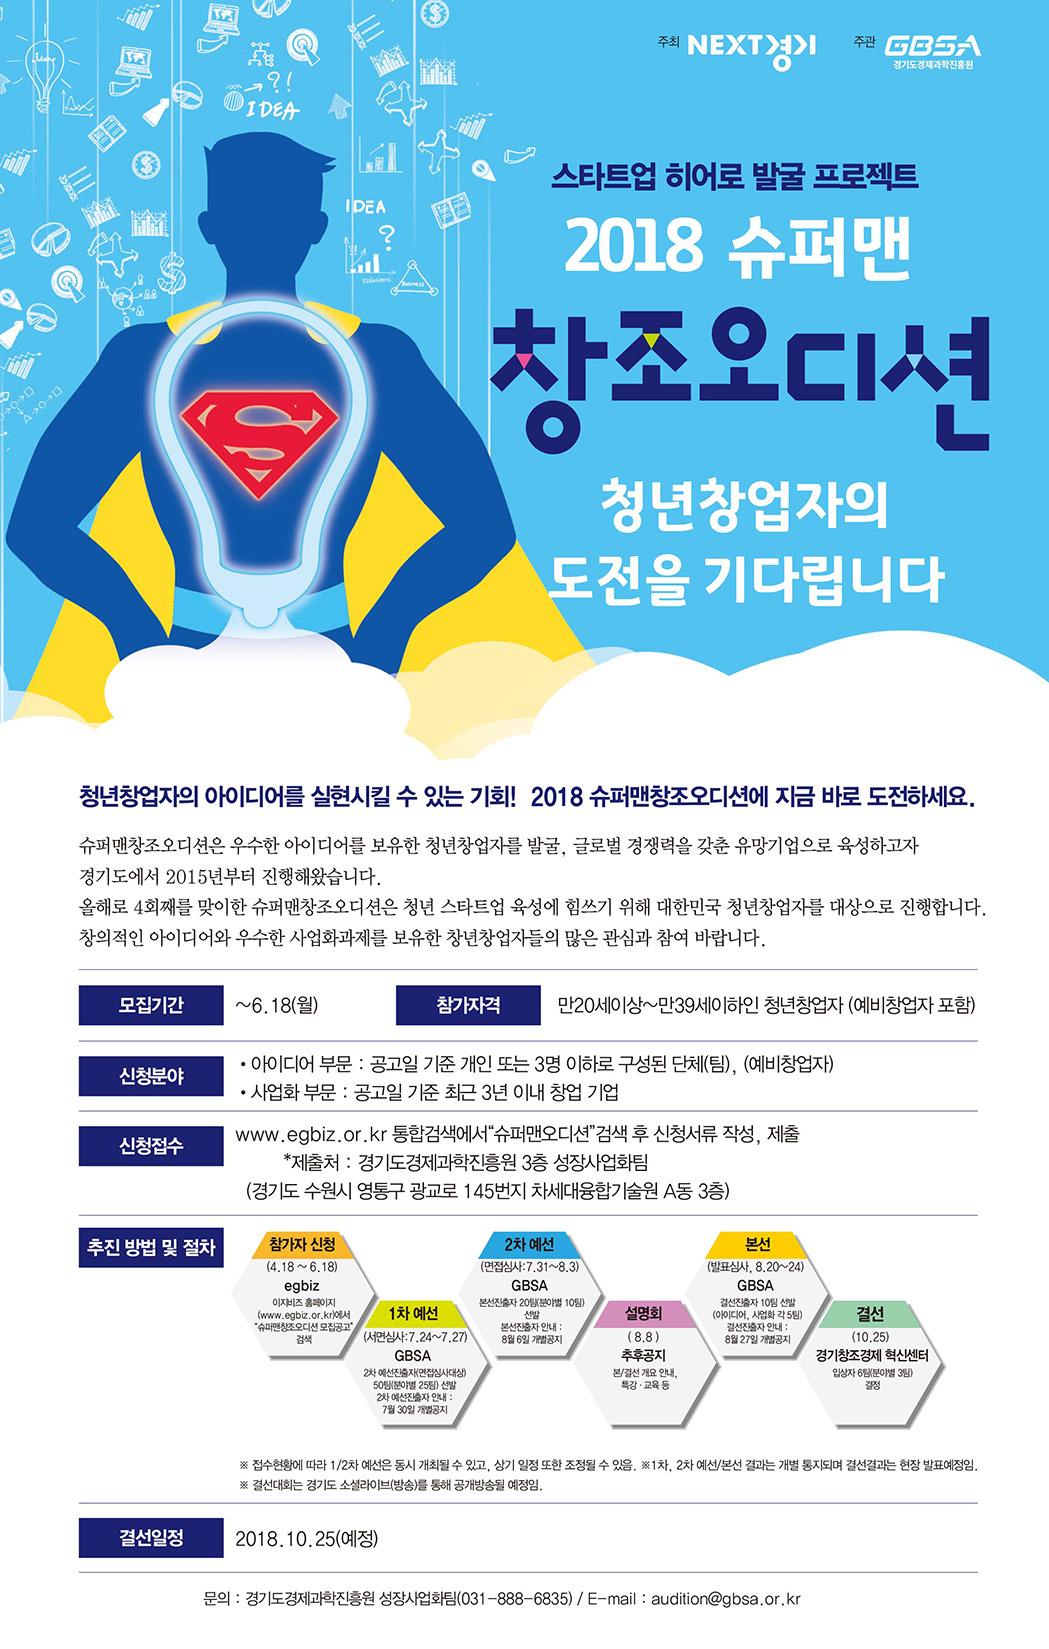 2018 슈퍼맨 창조 오디션